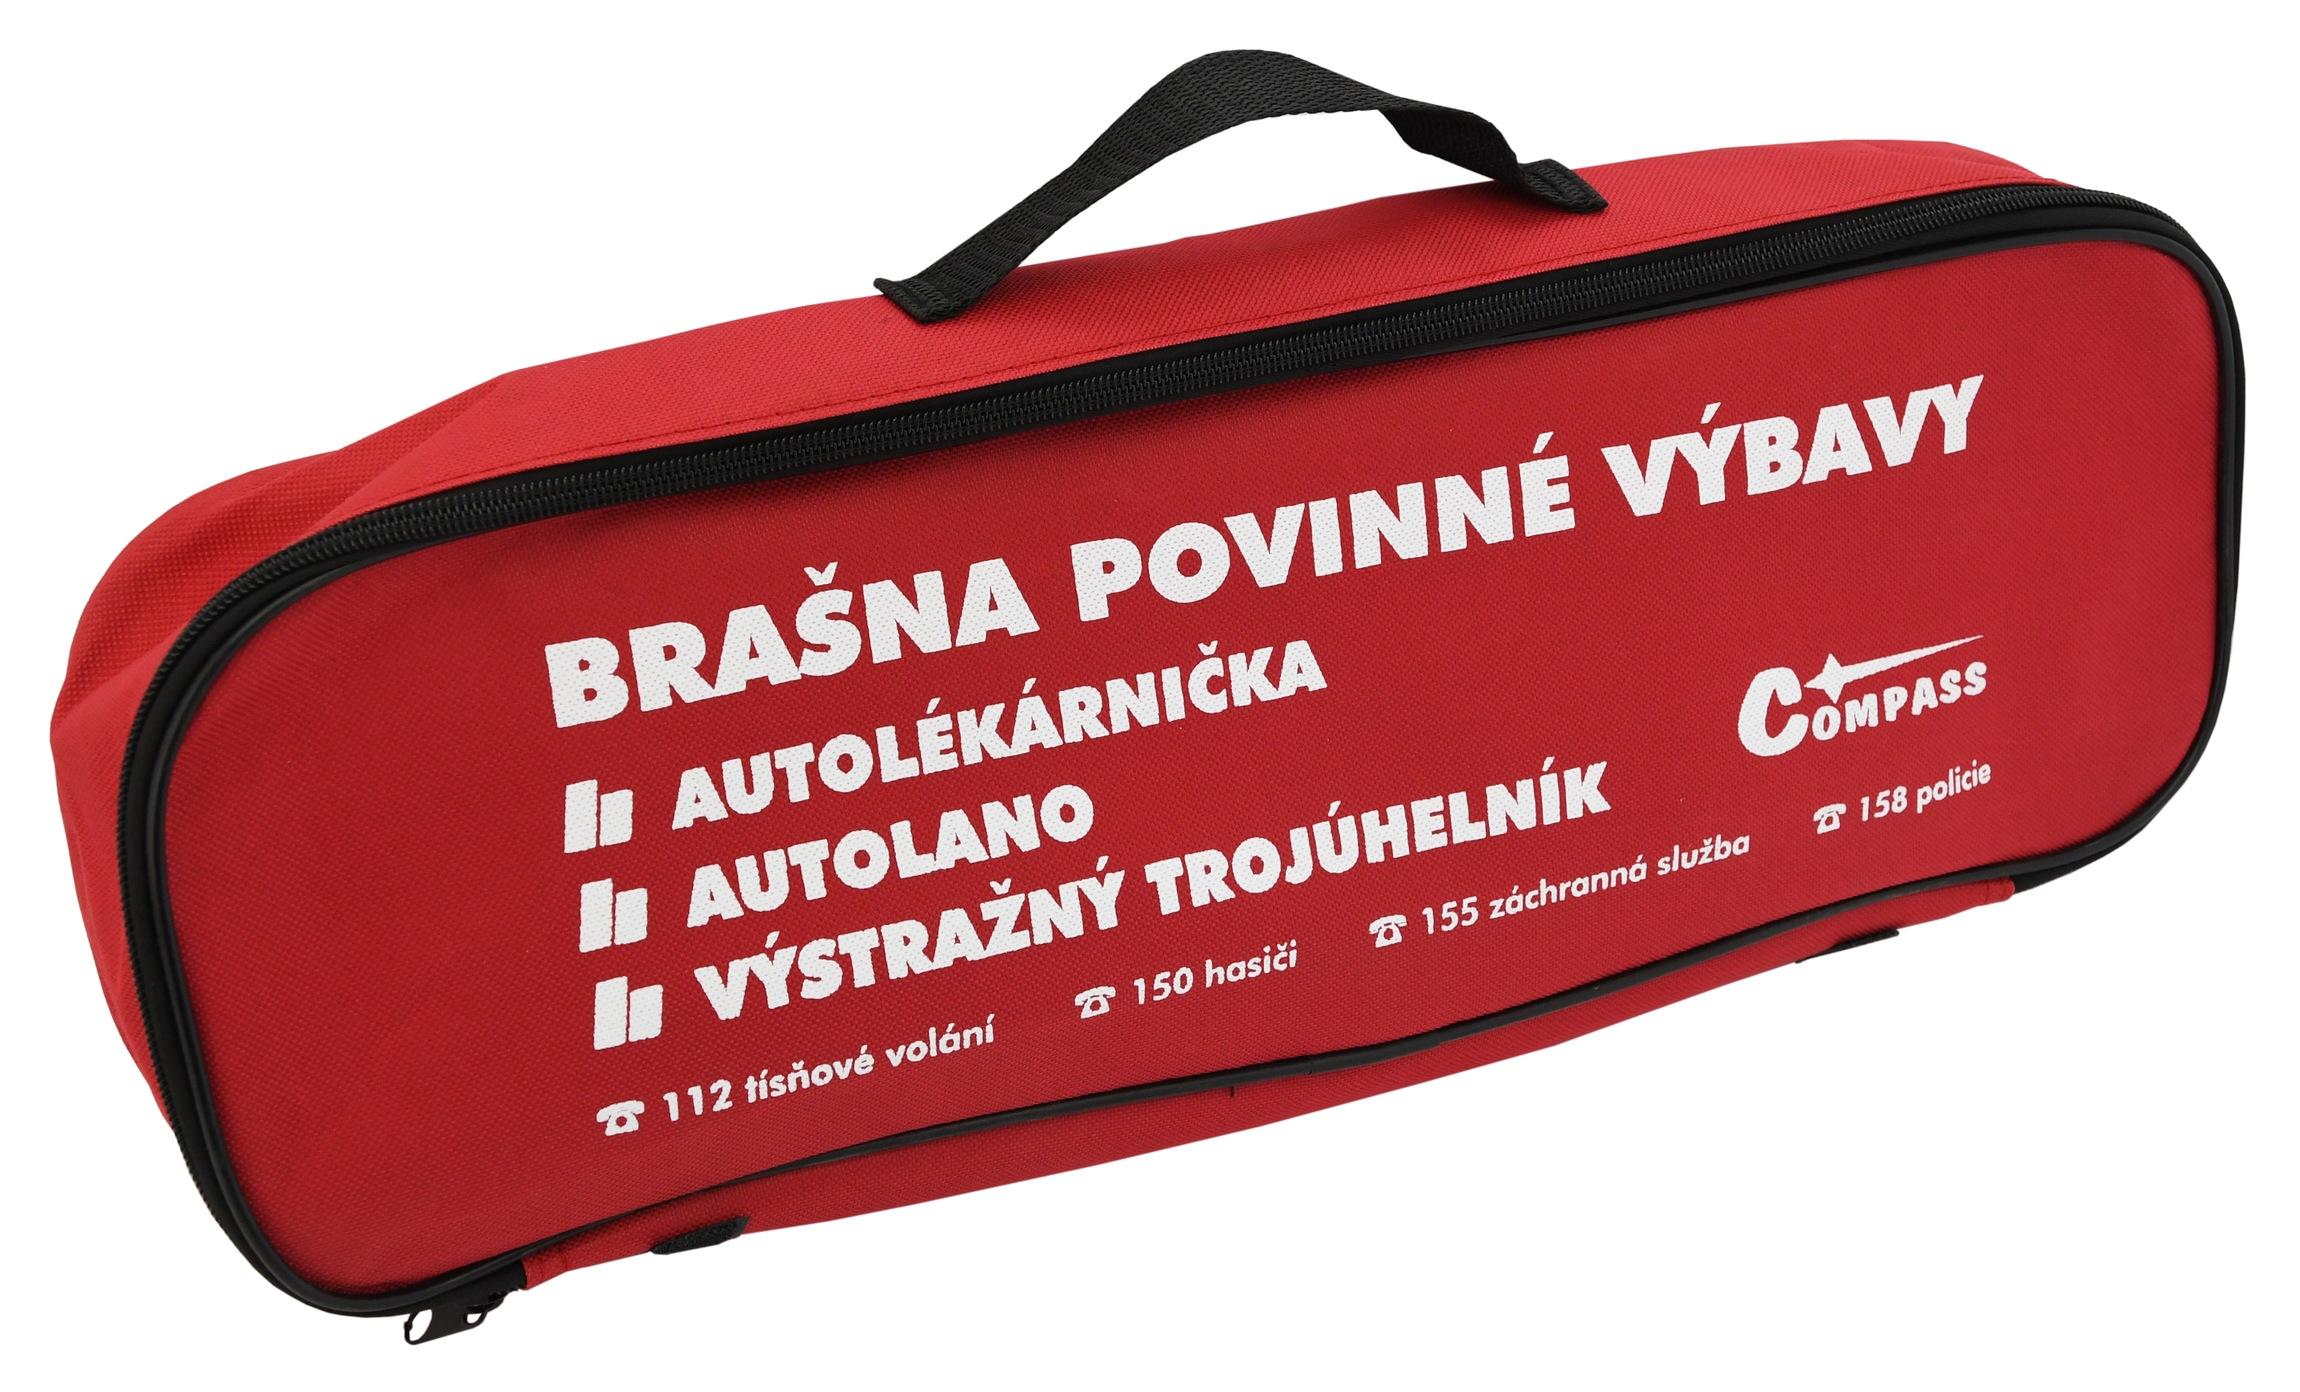 Brašna s povinnou výbavou 206/2018 sb. MD